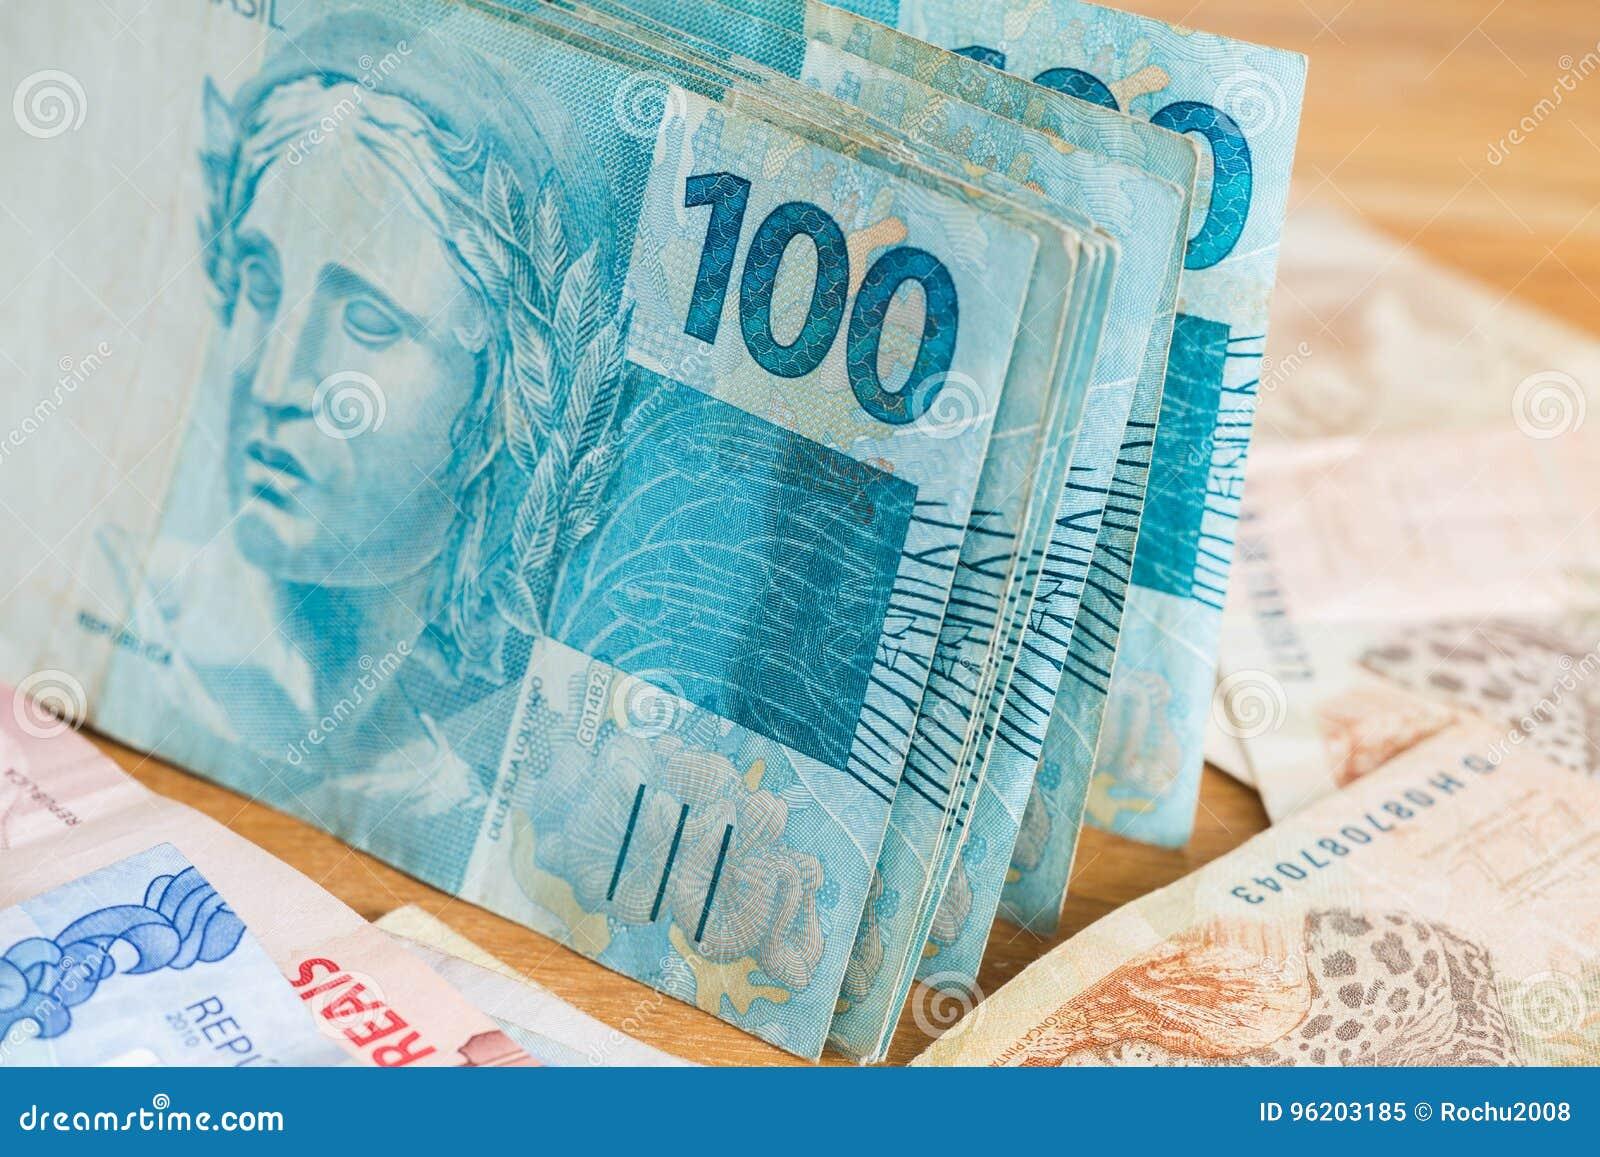 巴西金钱,雷亚尔,高成功的有名无实/概念